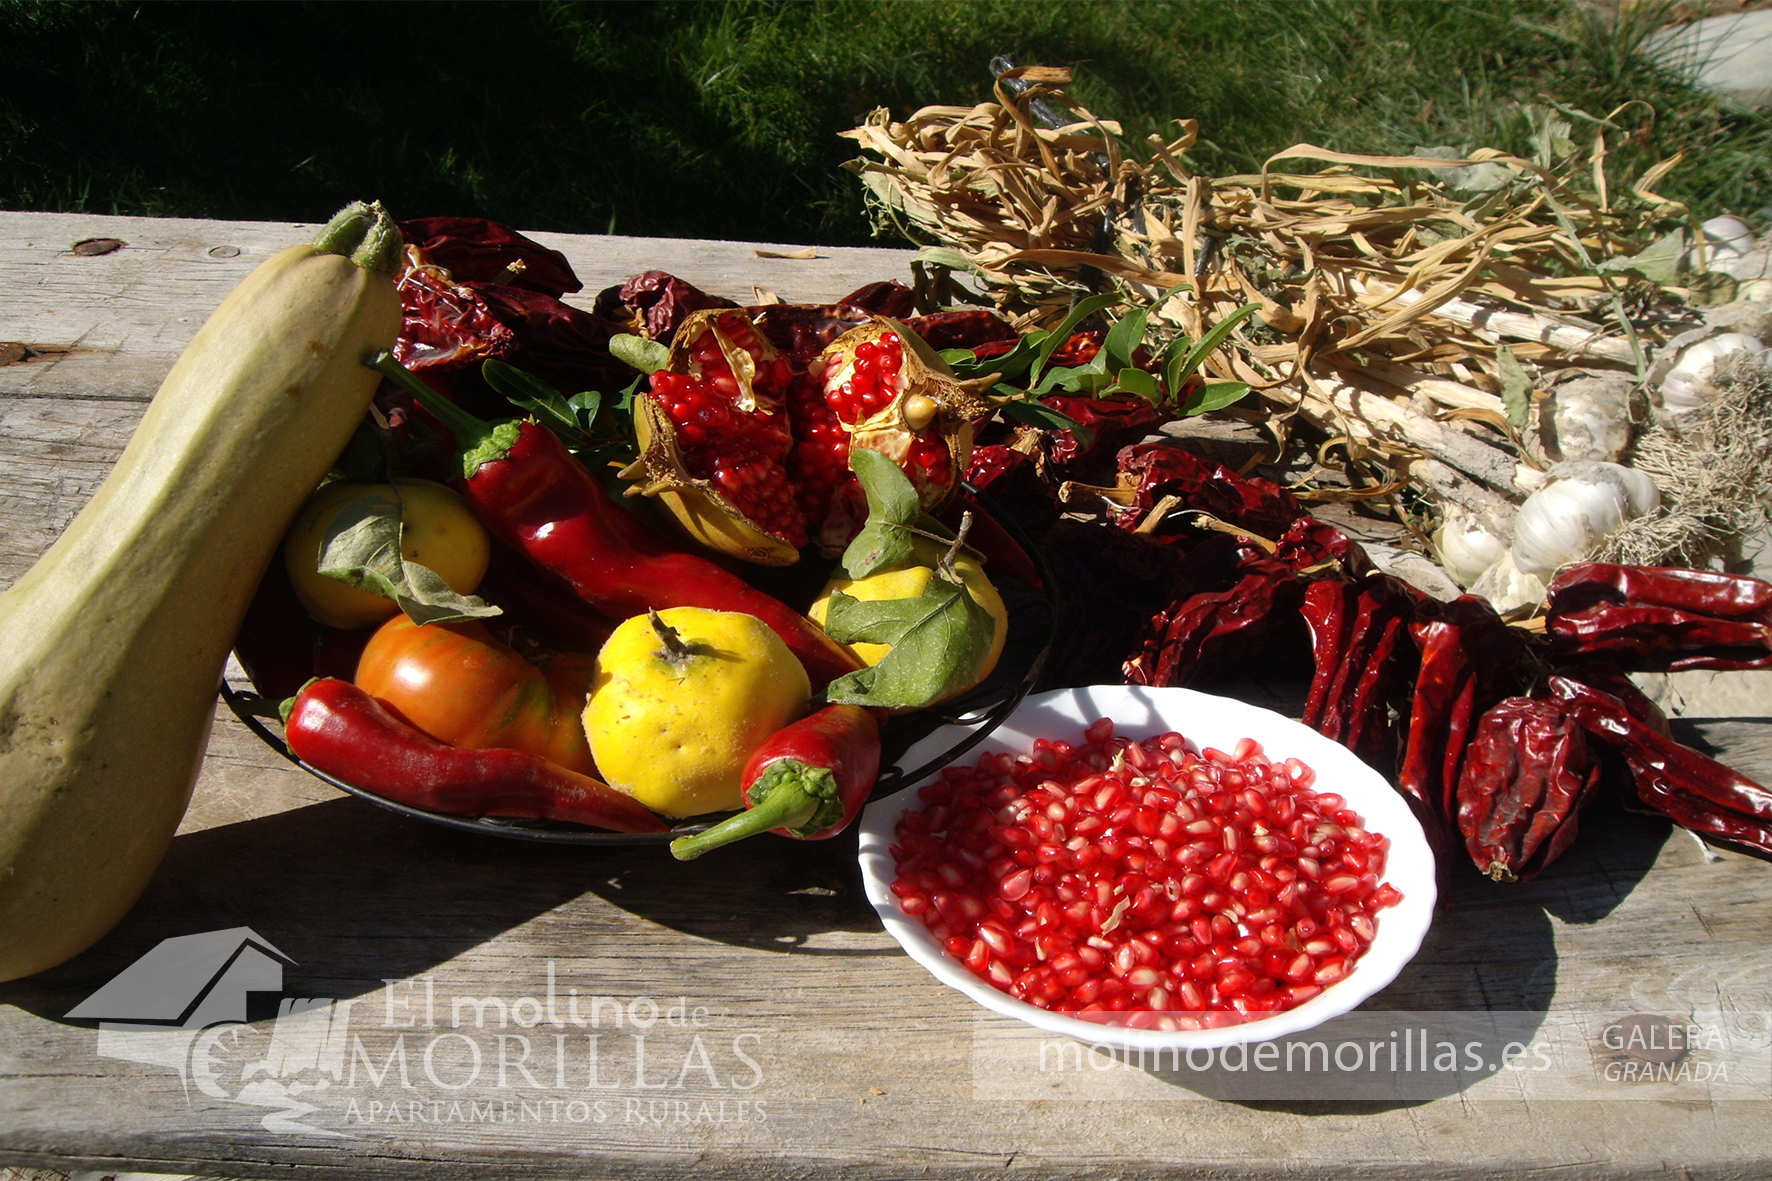 Hortalizas de la huerta y frutas autóctonas de Galera